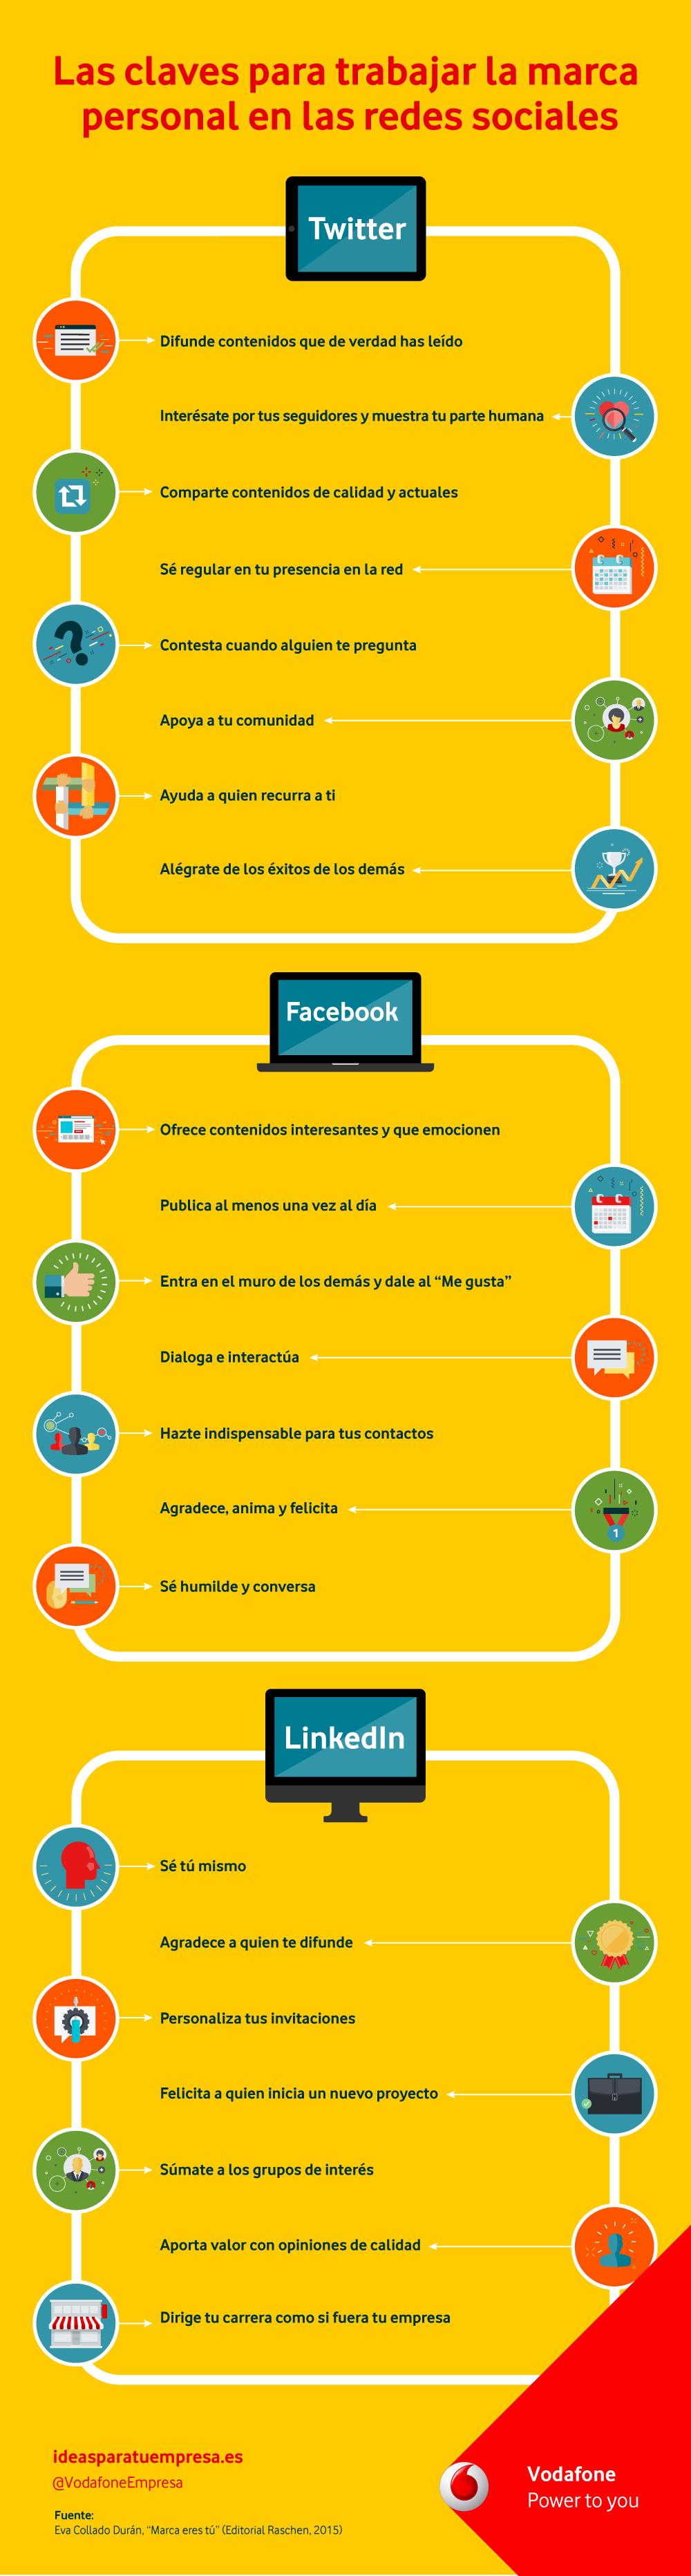 Claves para trabajar la Marca Personal en Redes Sociales #infografia #socialmedia #marketing